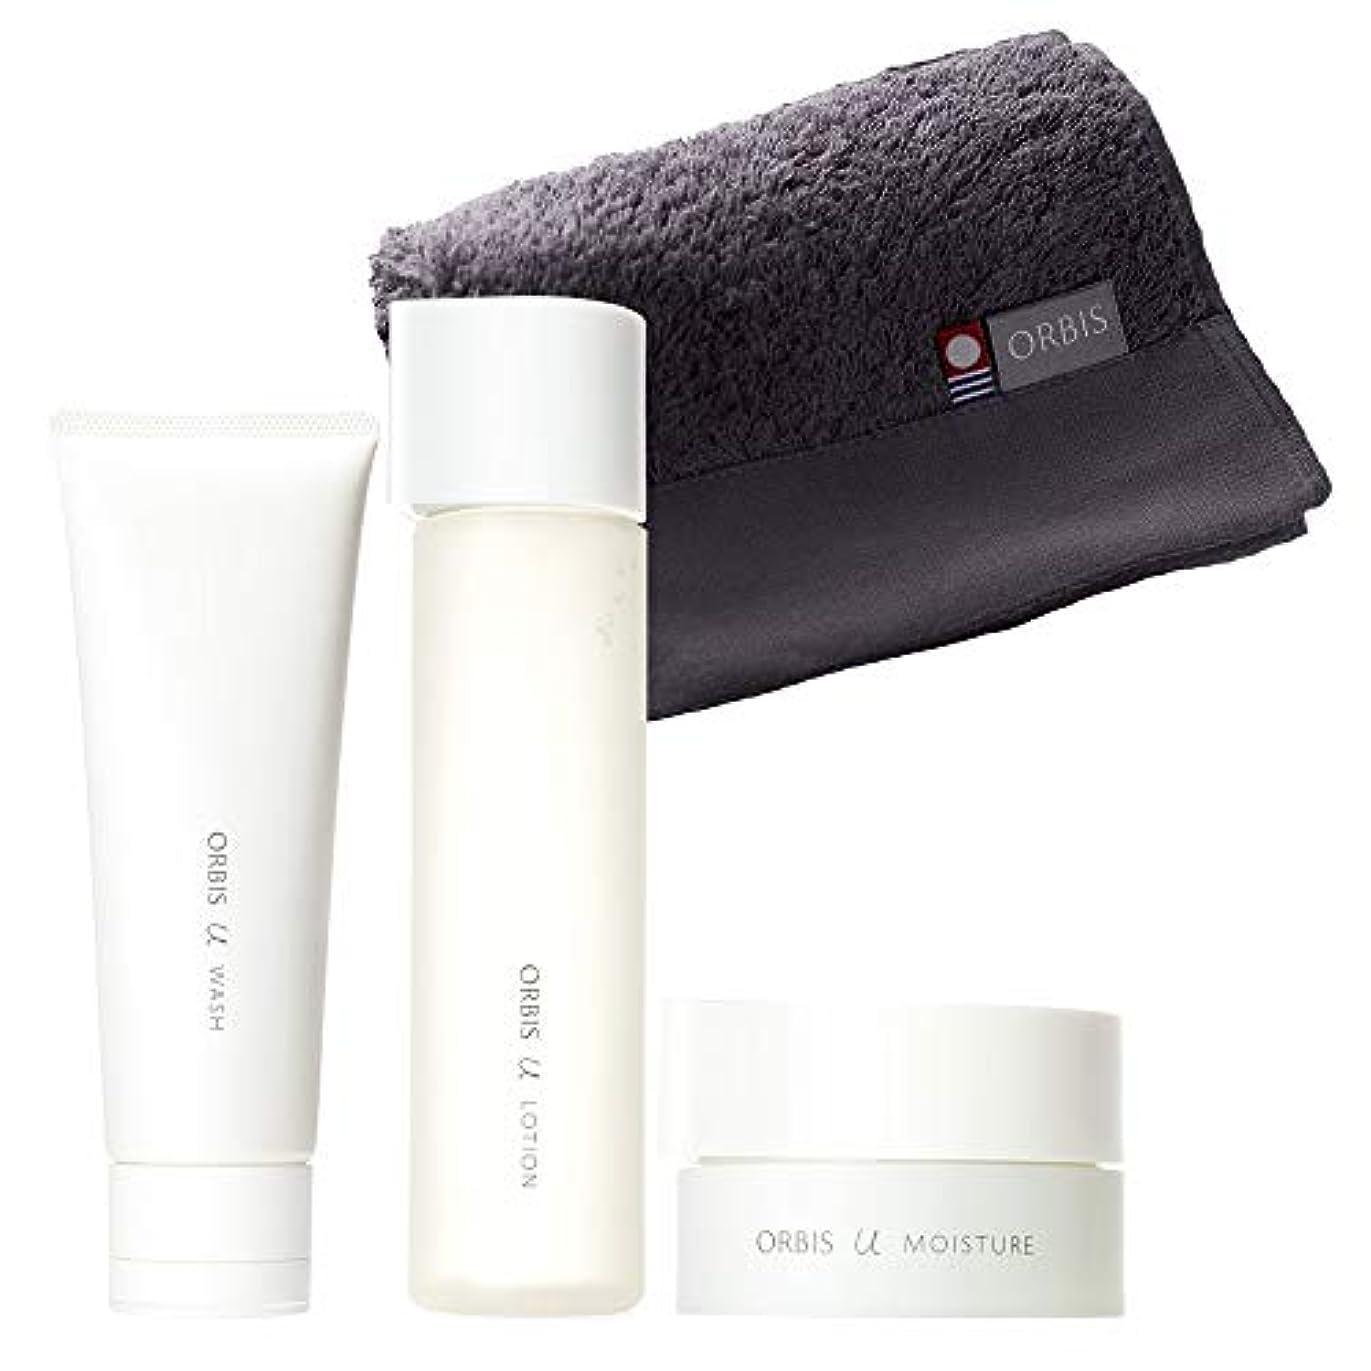 シルク聞きます測るオルビス(ORBIS) オルビスユー 3ステップセット タオル付(洗顔料+化粧水+保湿液)